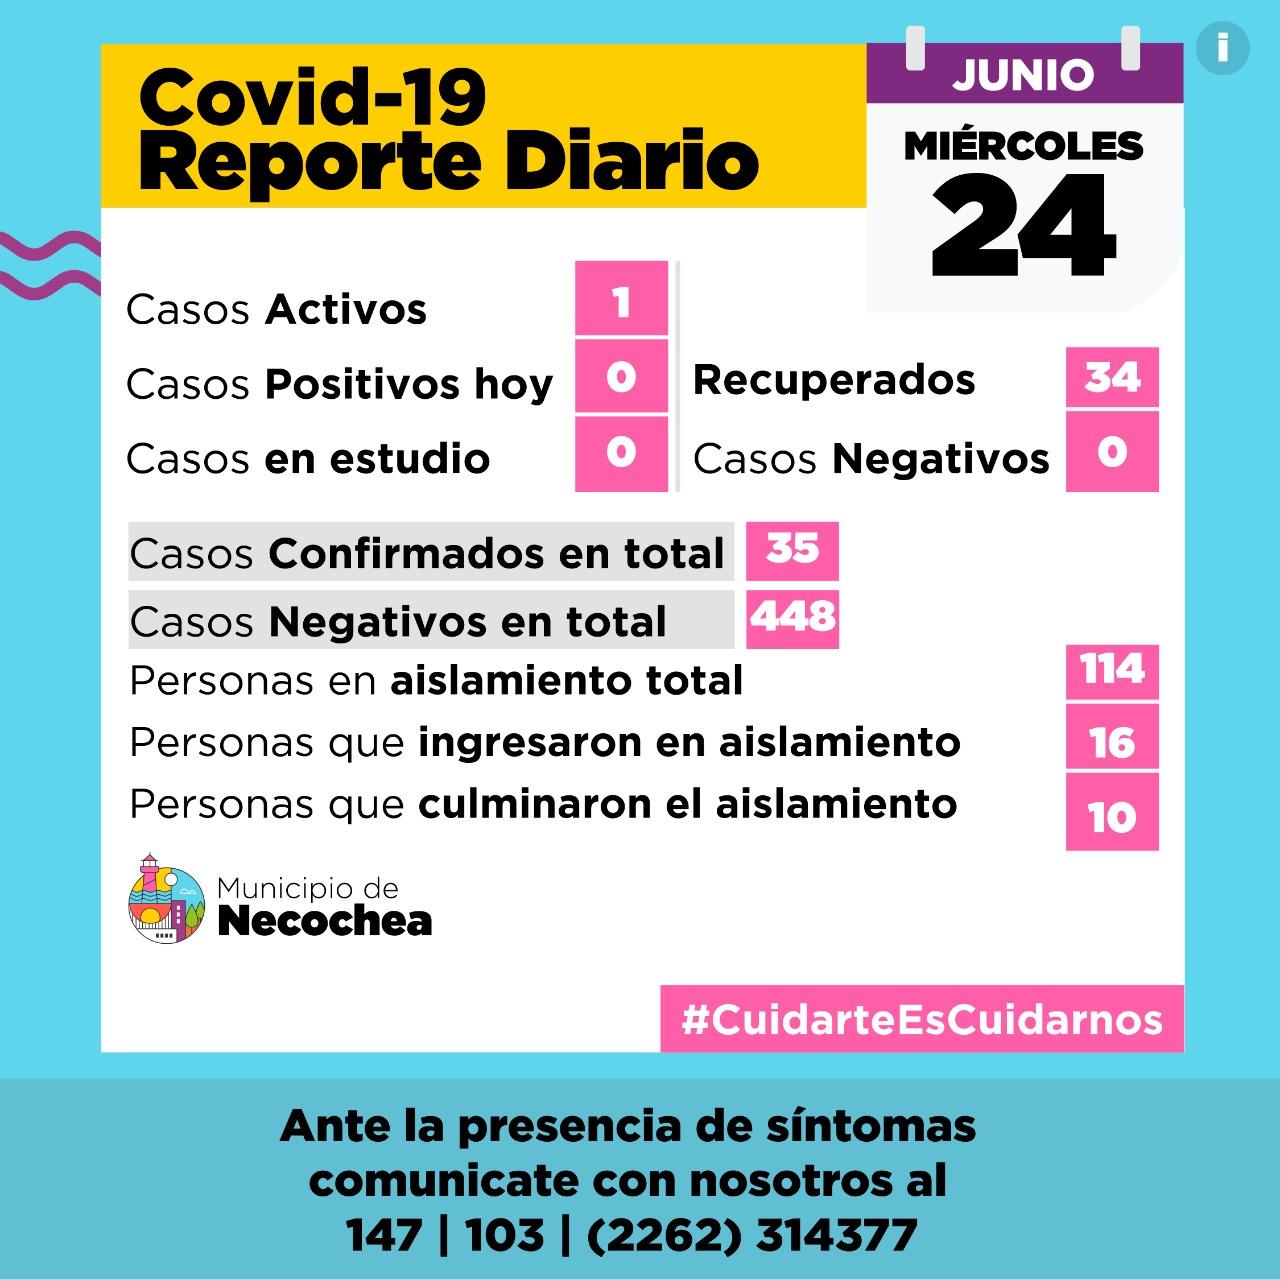 NECOCHEA: Solo un infectado de Covid 19